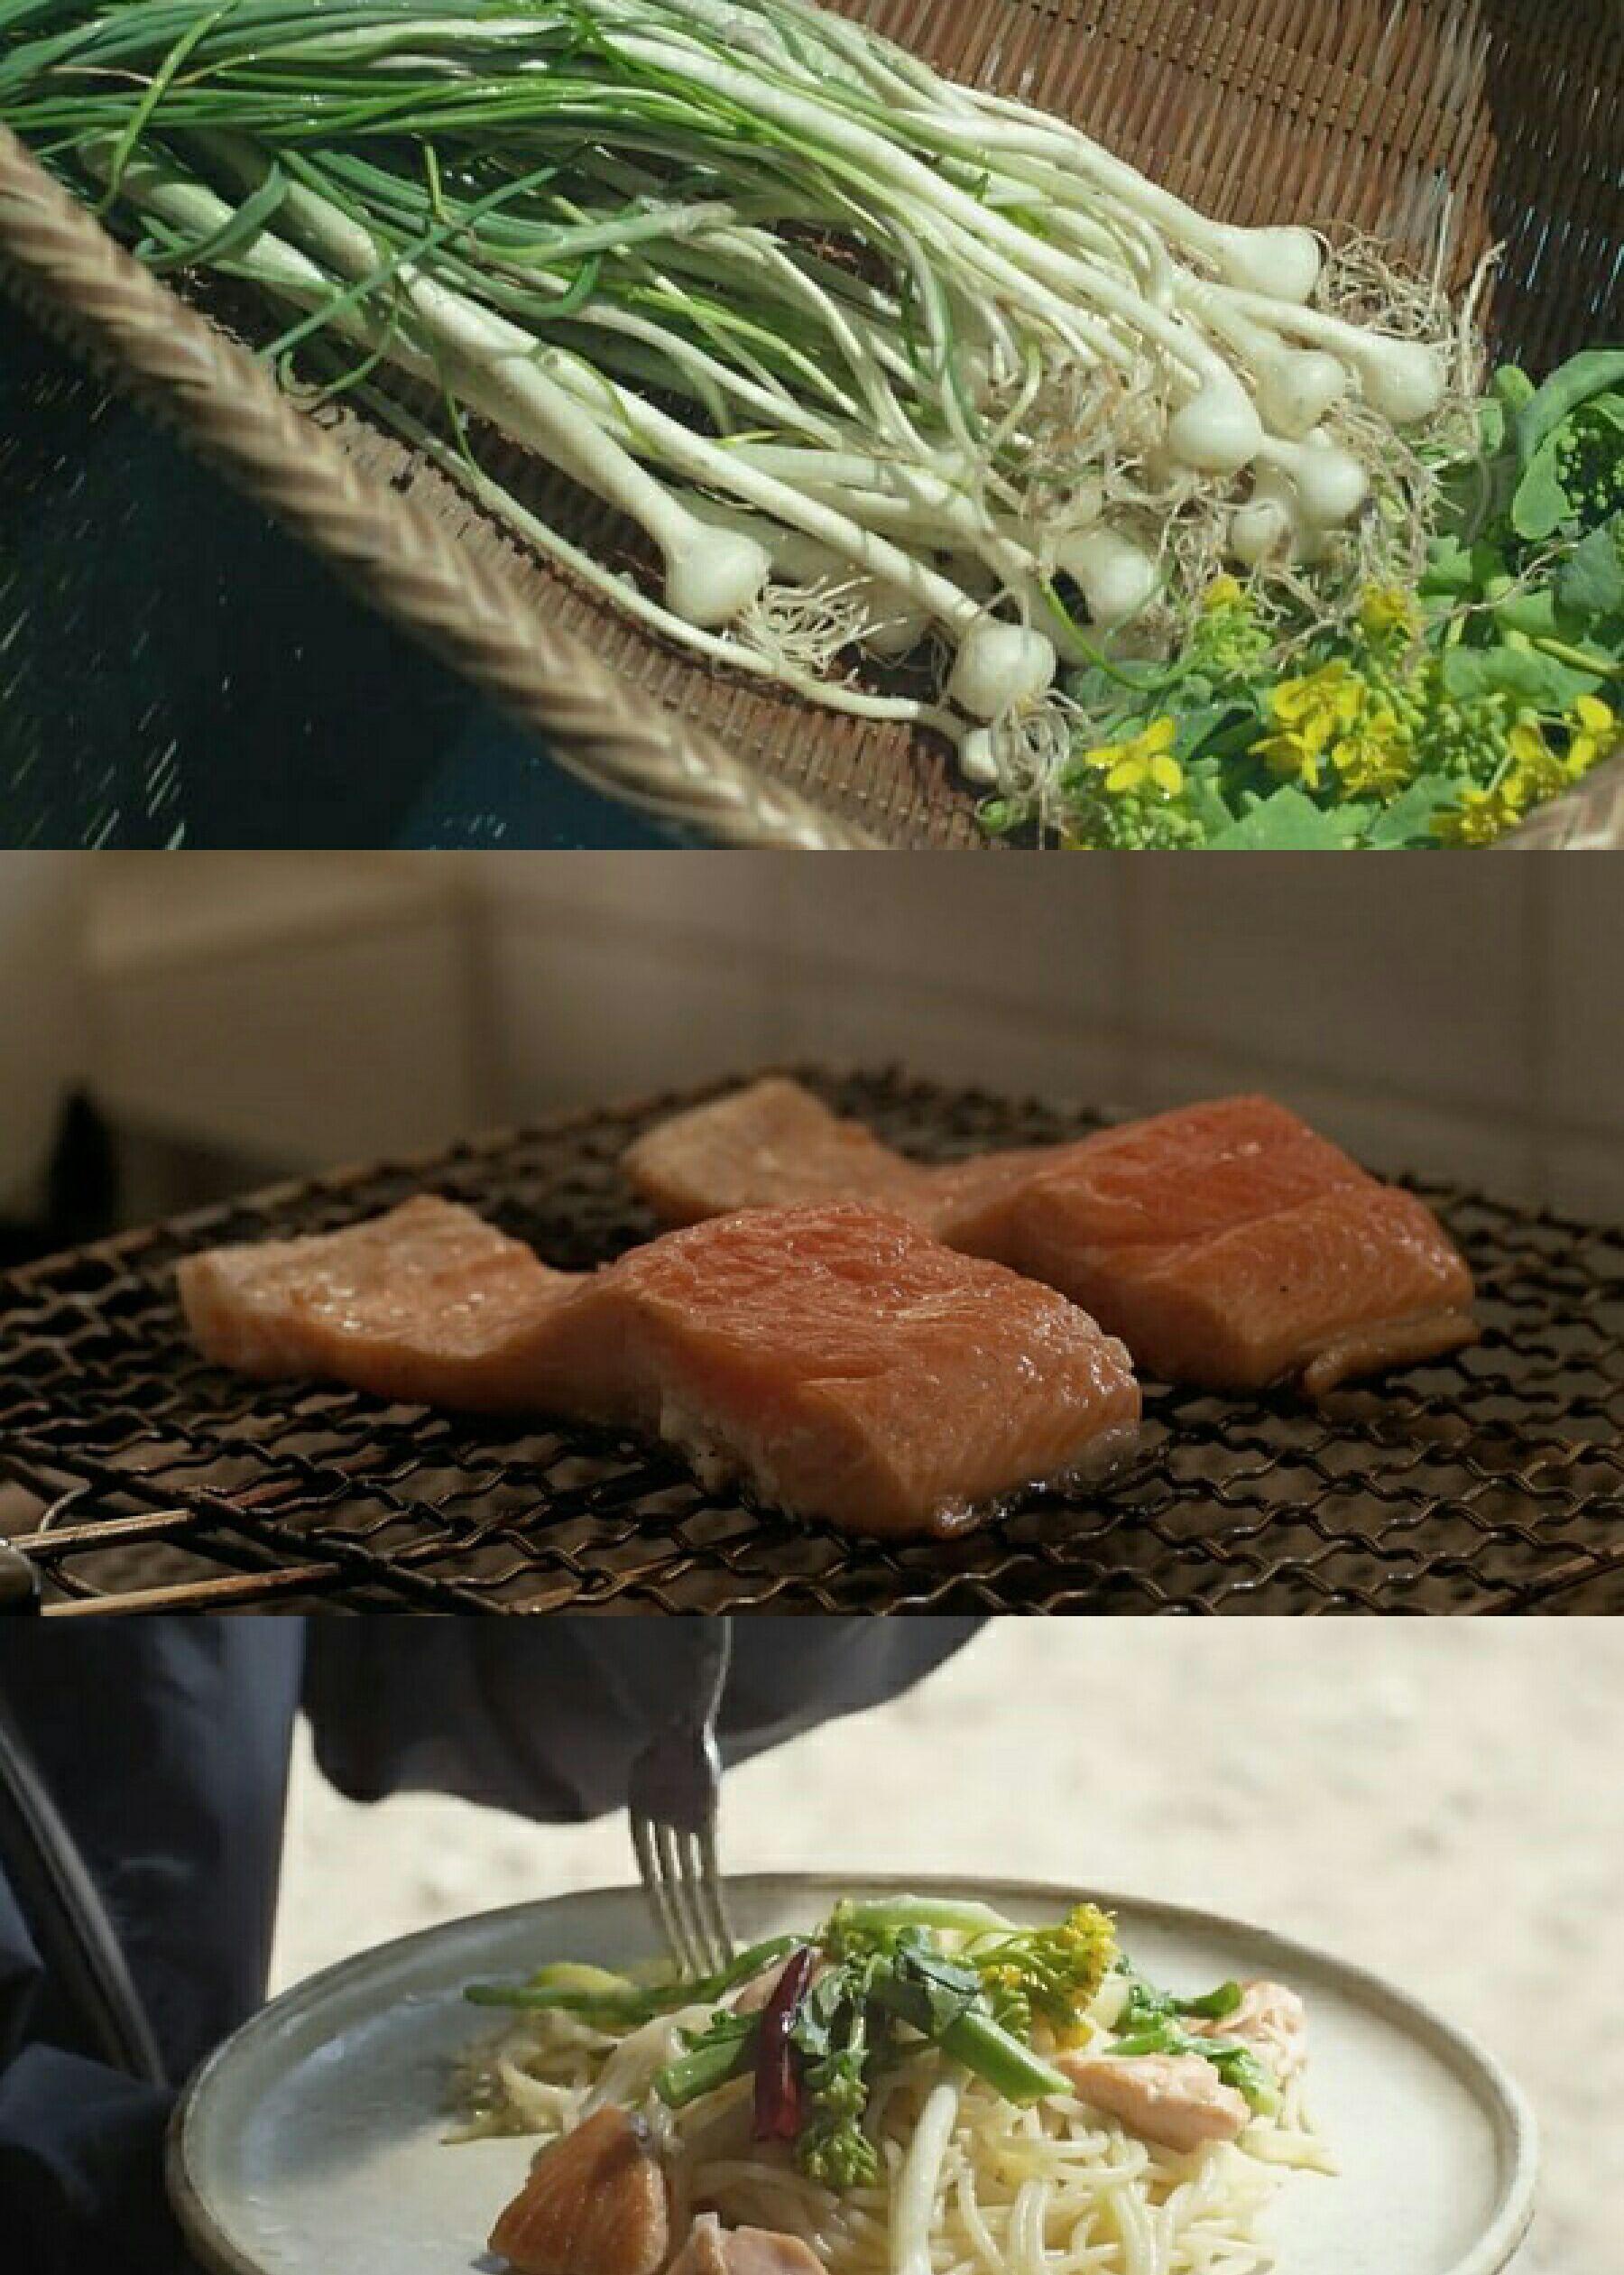 日剧《小森林》里出现的美食有哪些?来看看有没有你吃过的吧!